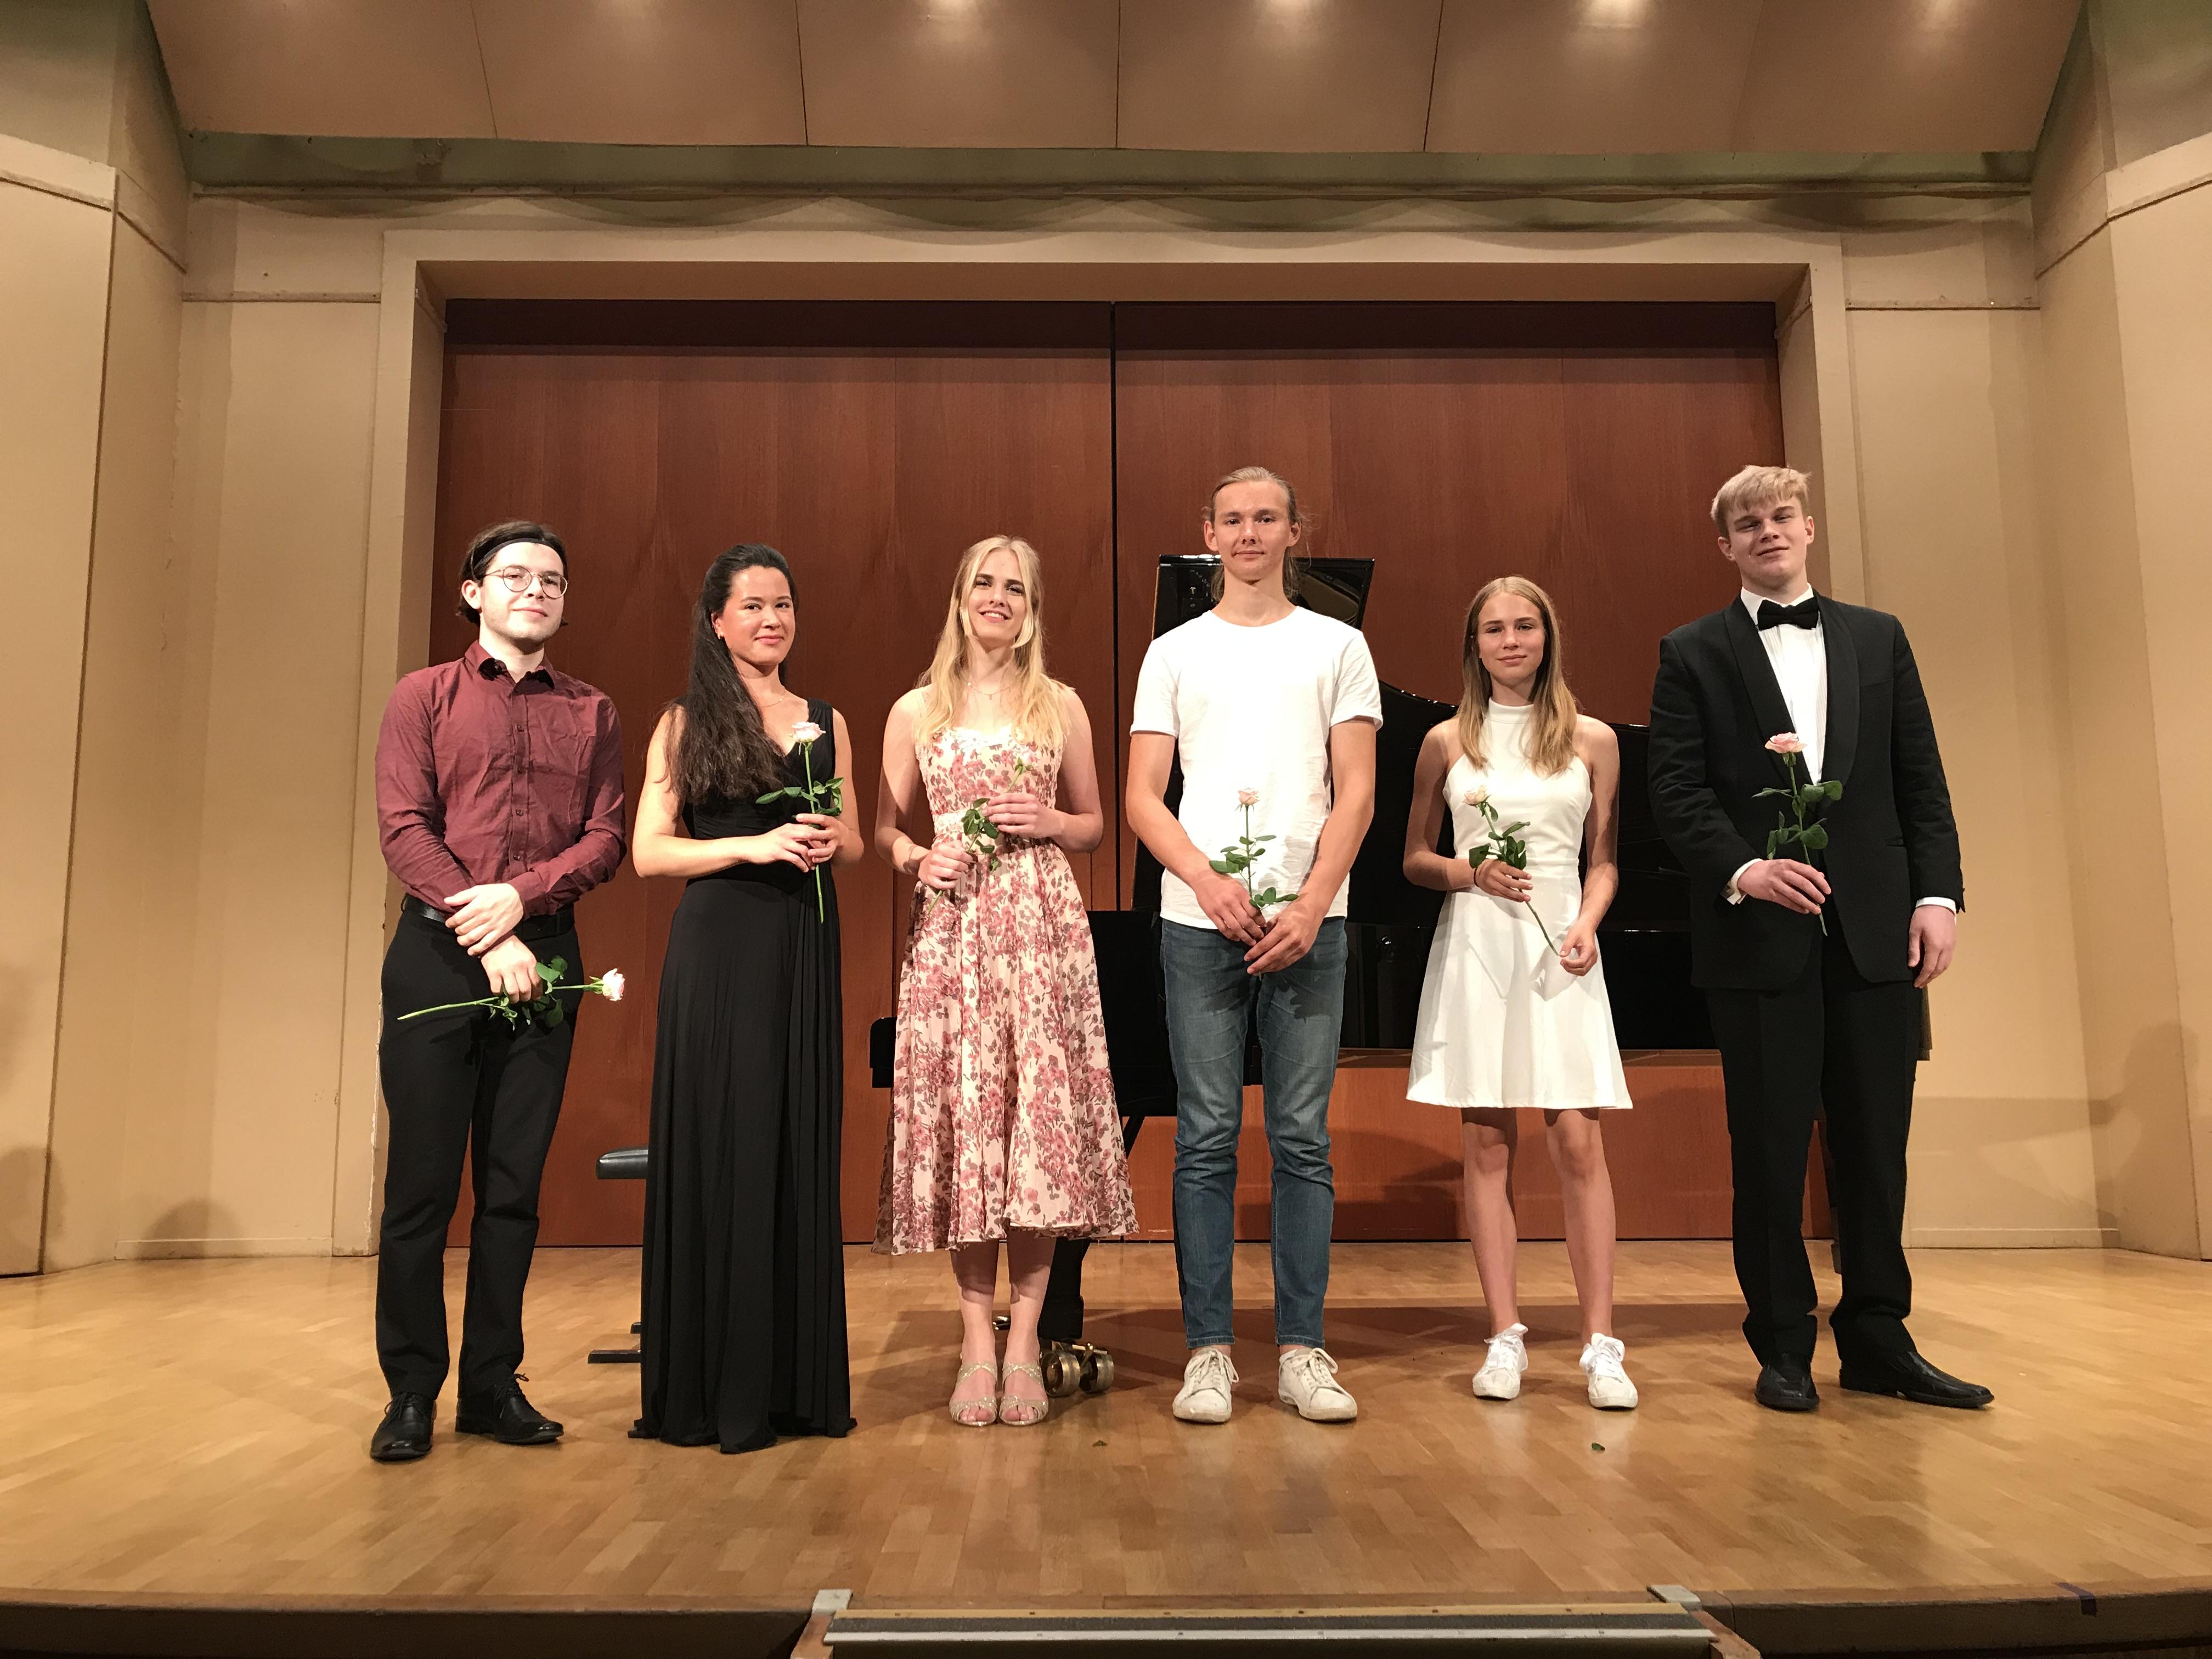 Unga och Lovande konsert